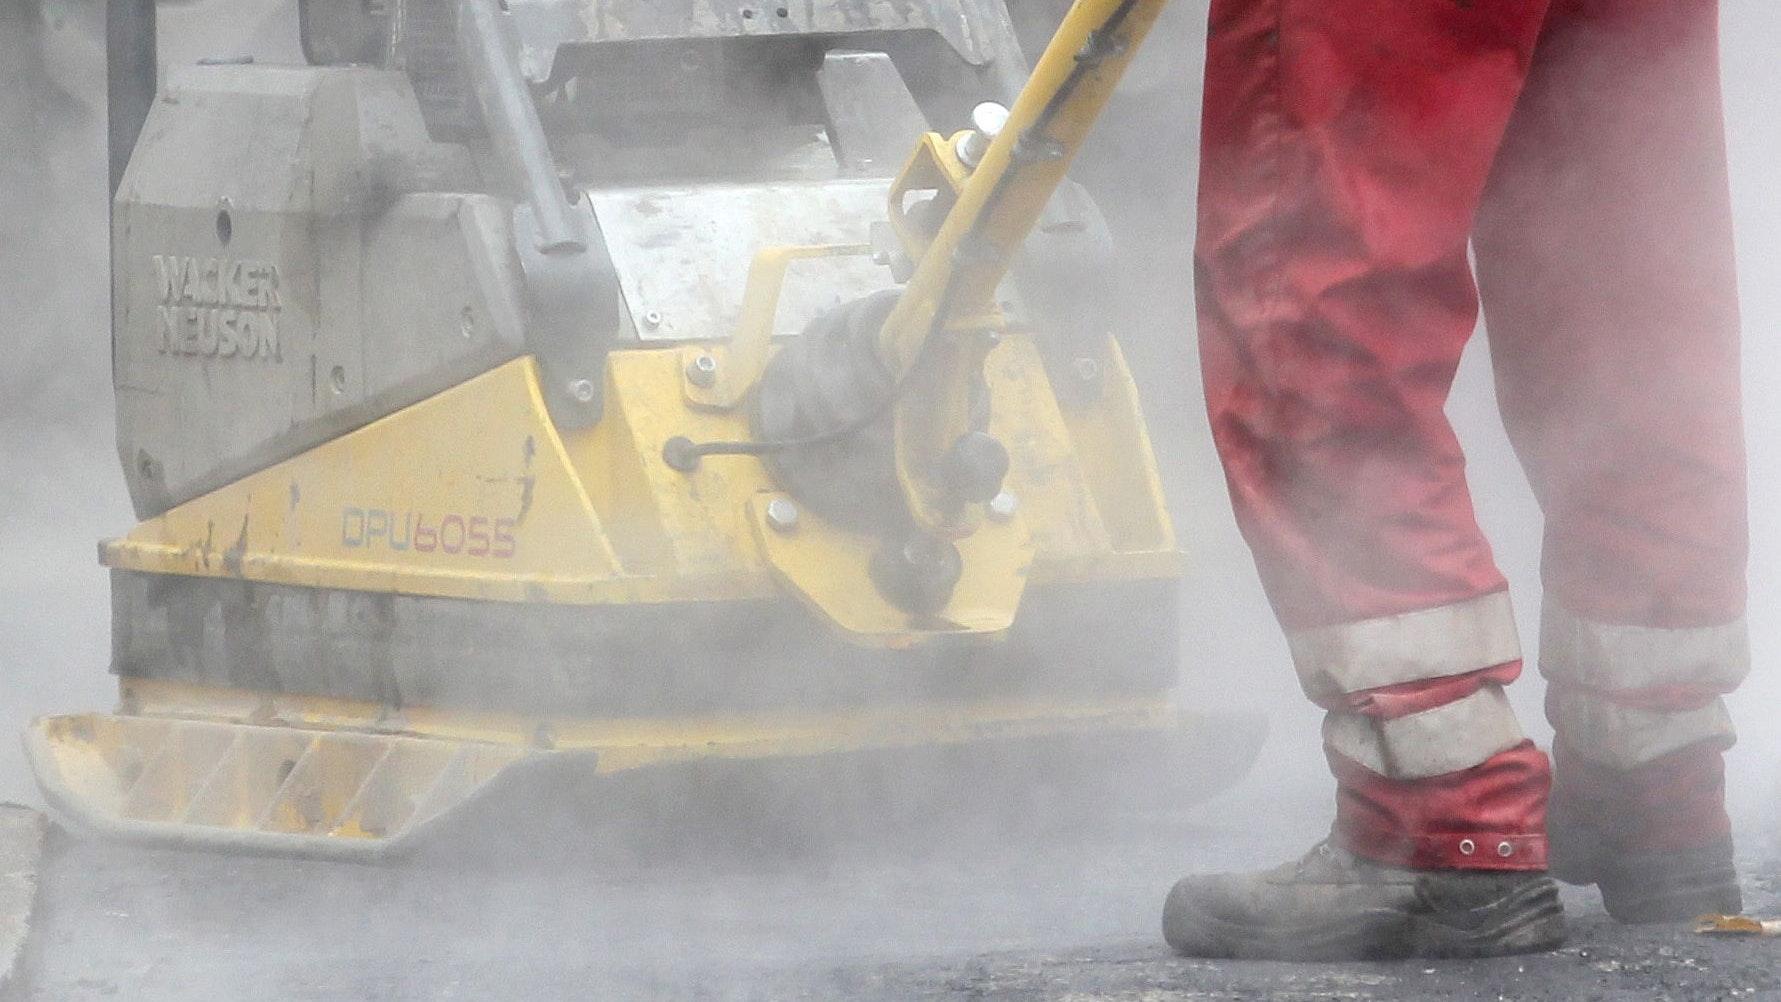 Sind die umstrittenen Straßenausbaubeiträge in Holdorf möglicherweise bald adé? Die Einwohner werden jedenfalls aufgerufen, ein Votum abzugeben. Foto: Roland Weihrauch/dpa